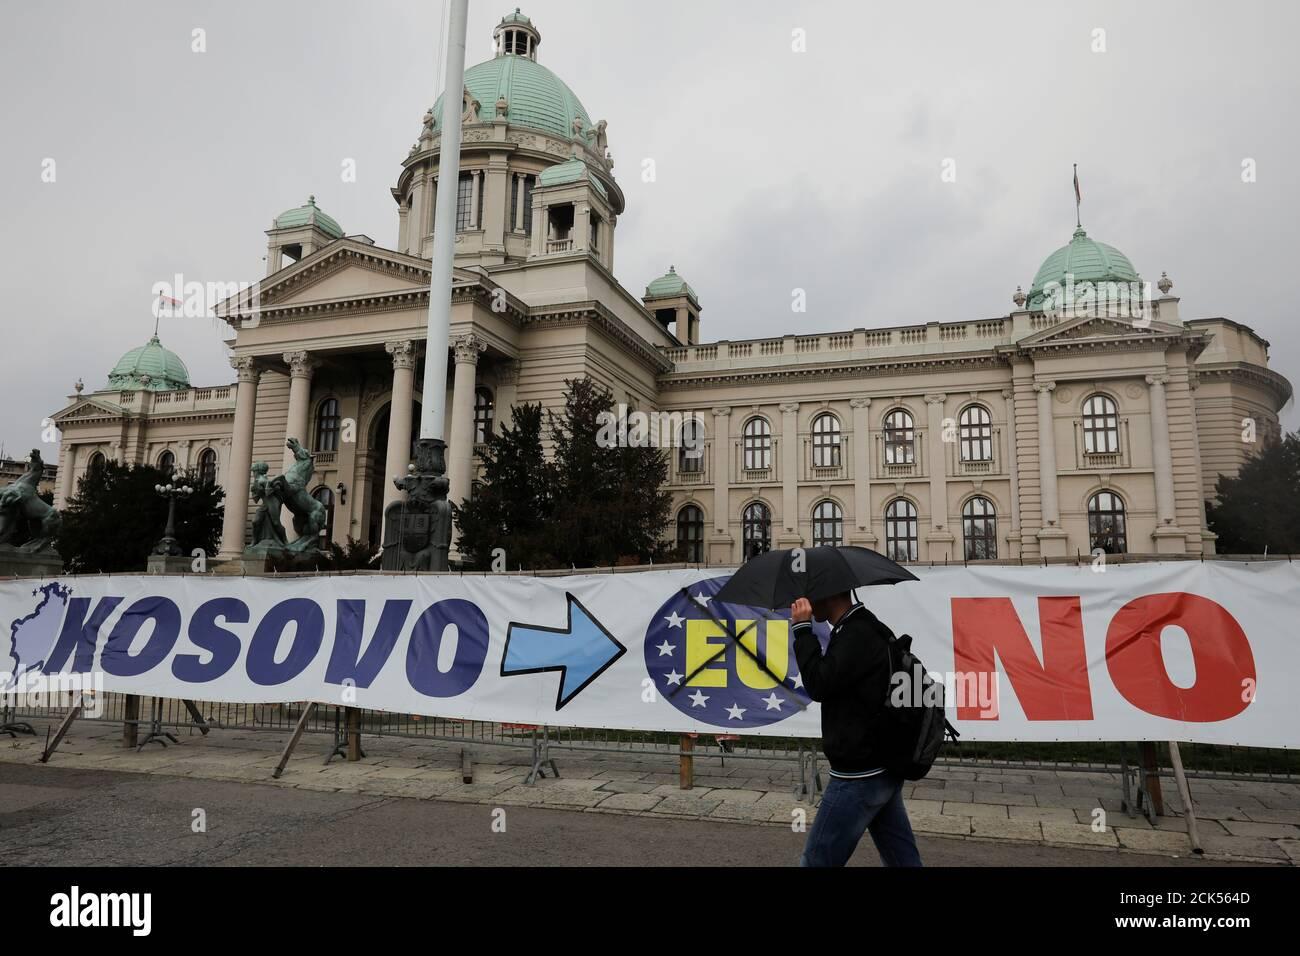 Un uomo passa davanti a un cartello di fronte all'edificio del parlamento serbo nel centro di Belgrado, Serbia, 27 marzo 2018. REUTERS/Marko Djurica Foto Stock